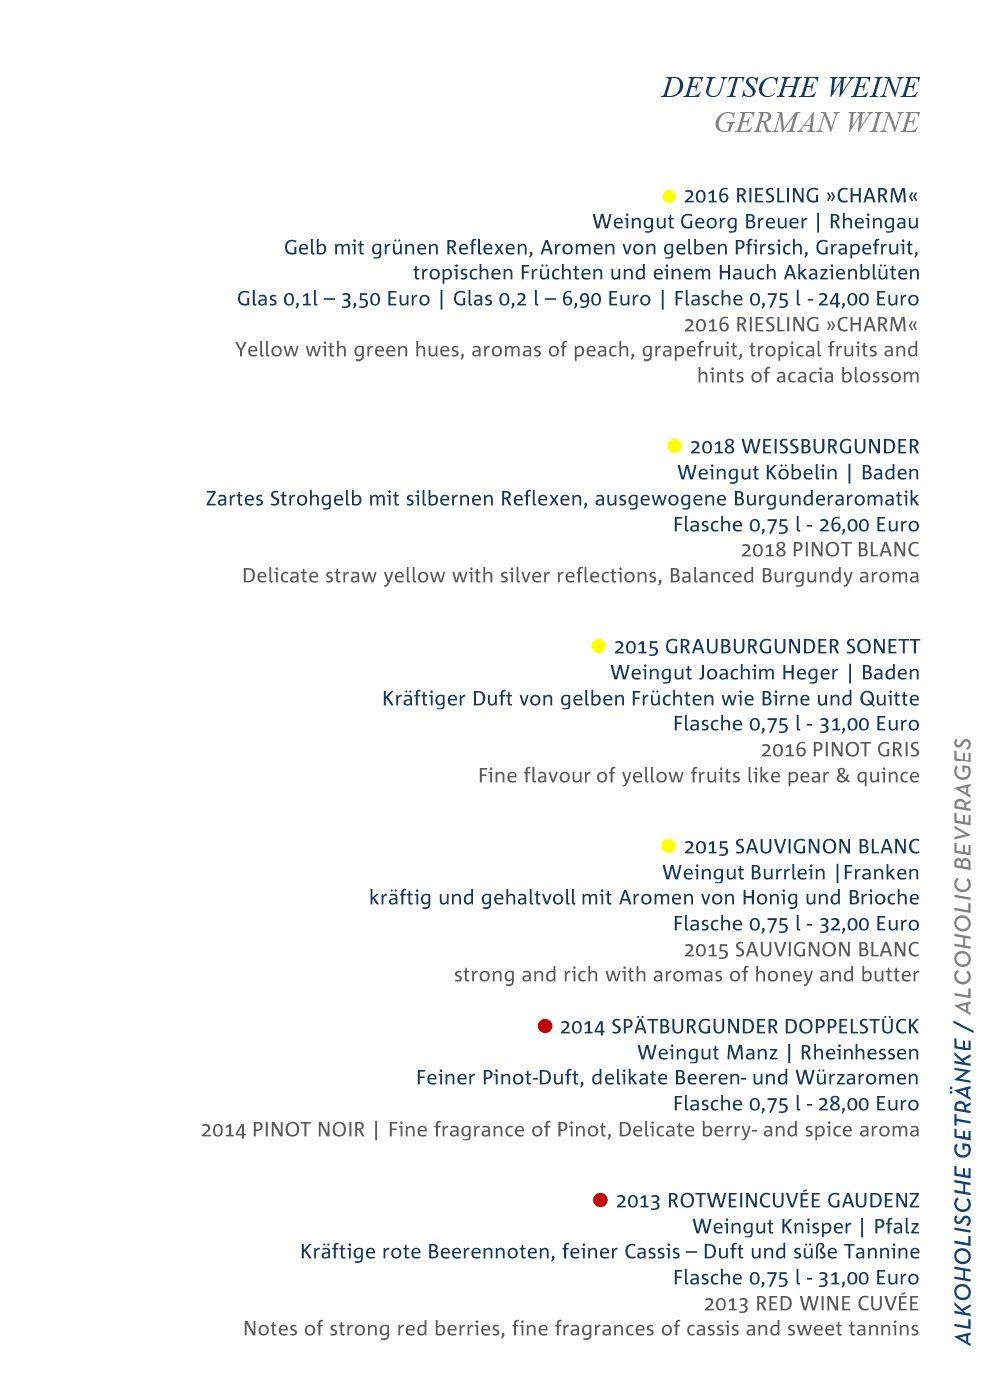 https://www.vitrum-dresden.de/wp-content/uploads/2019/09/e-VITRUM_Speisekarte_Herbst_9-990x1400.jpg